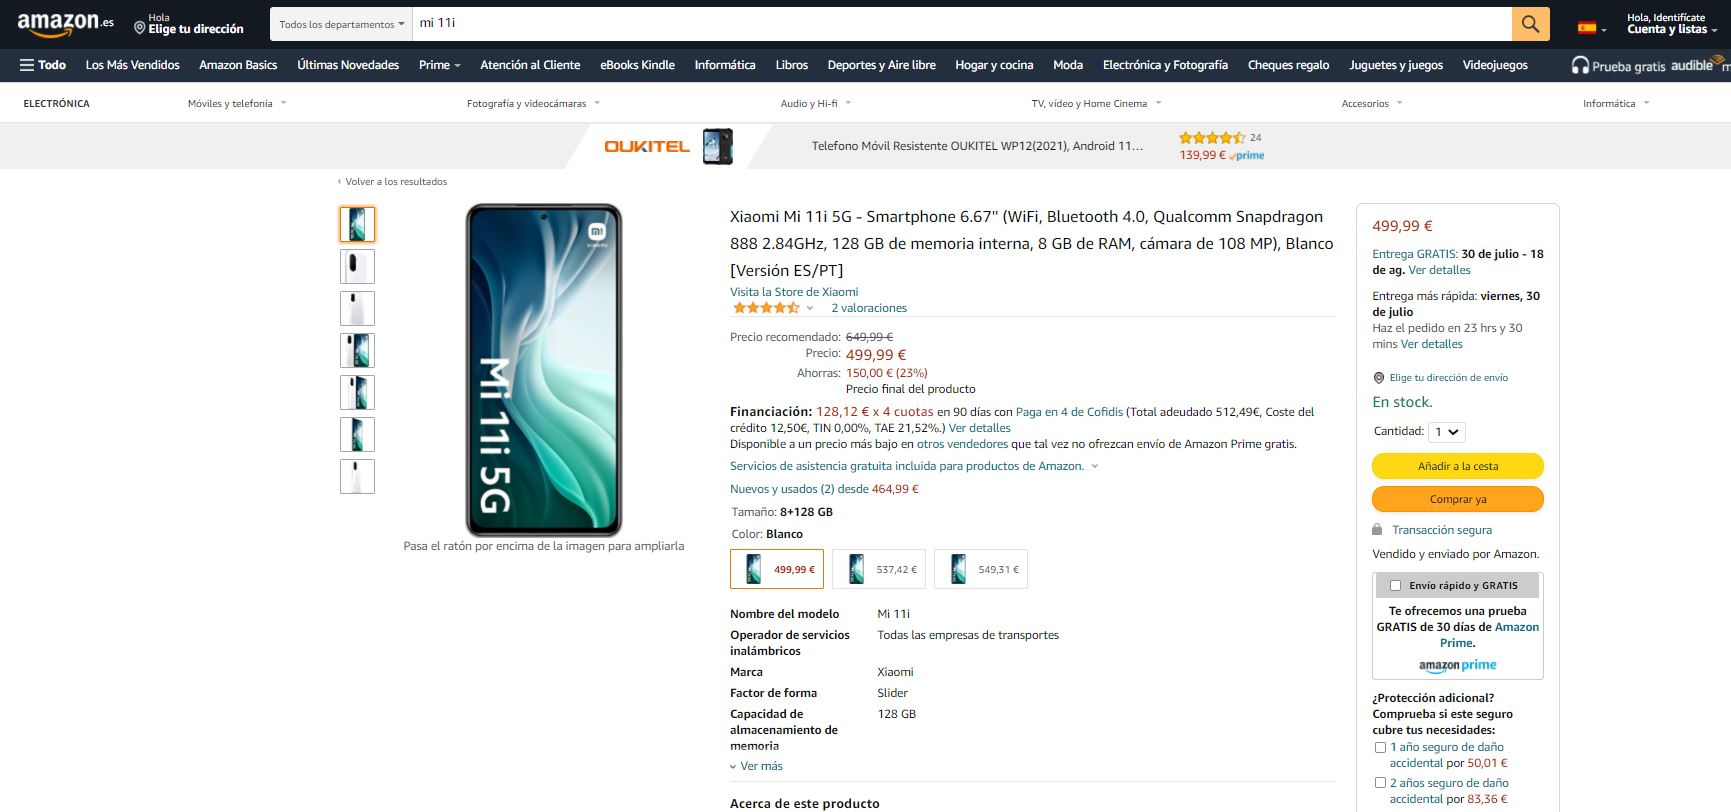 El Xiaomi Mi 11i se desploma por debajo de los 500 euros en Amazon. Noticias Xiaomi Adictos